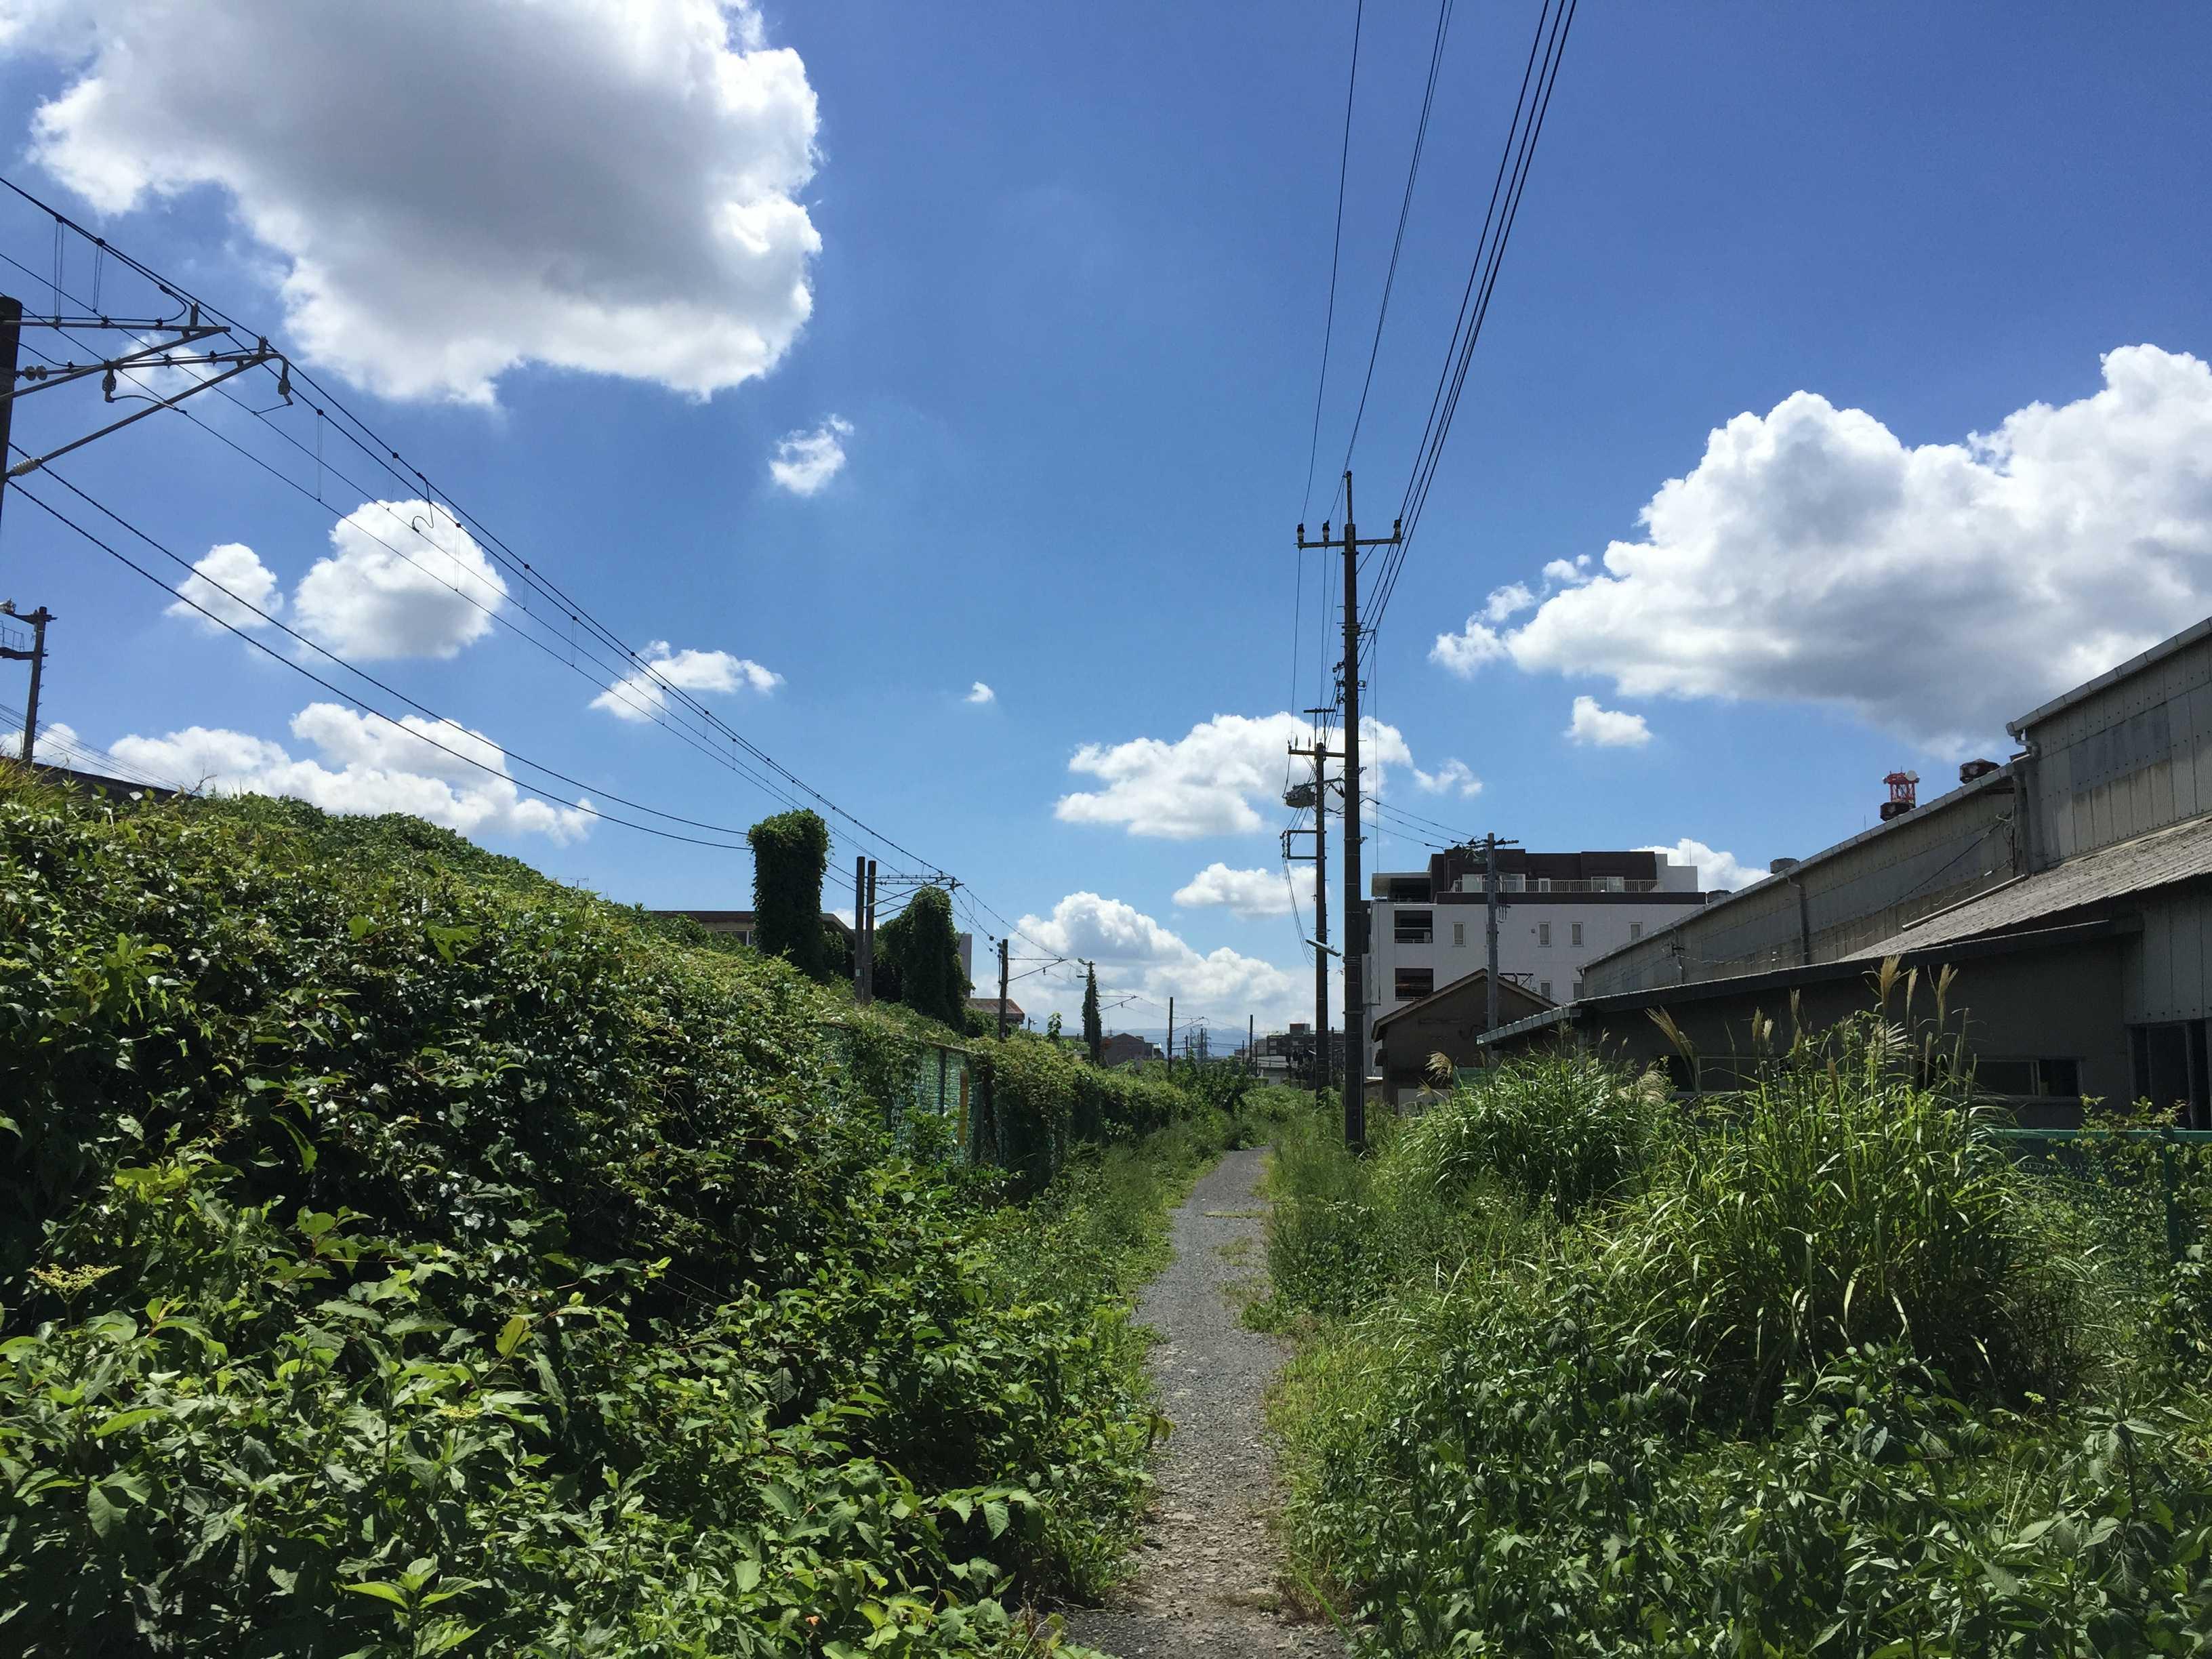 夏の青い空と白い雲と緑の草